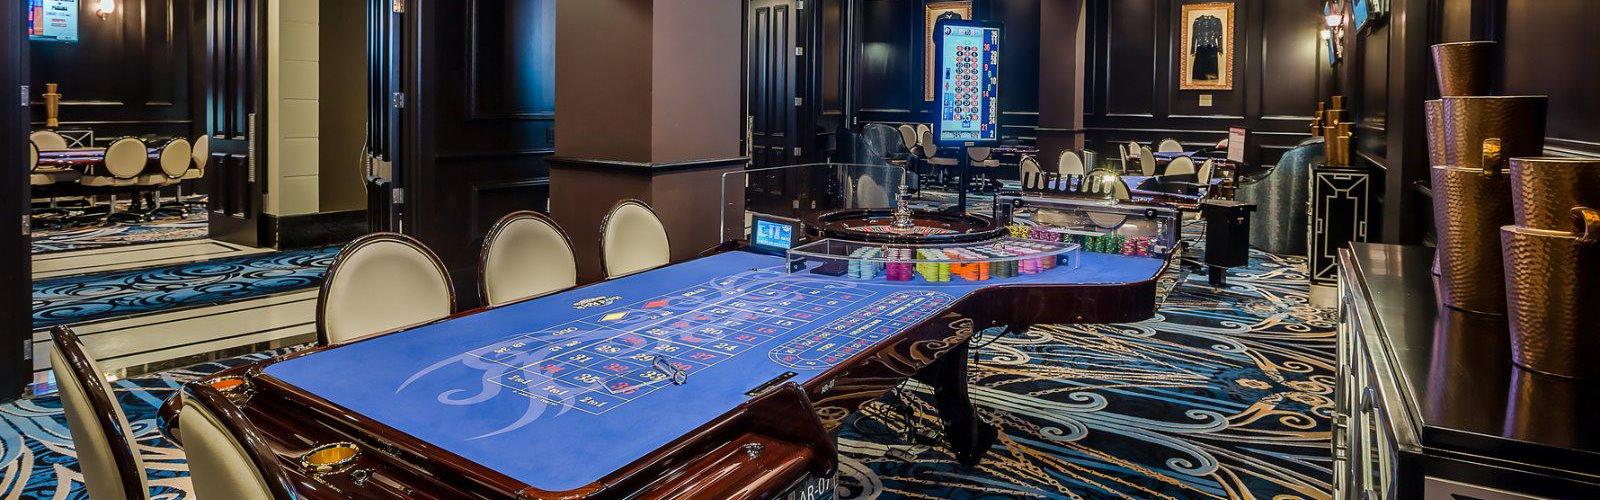 Punta Cana Casino